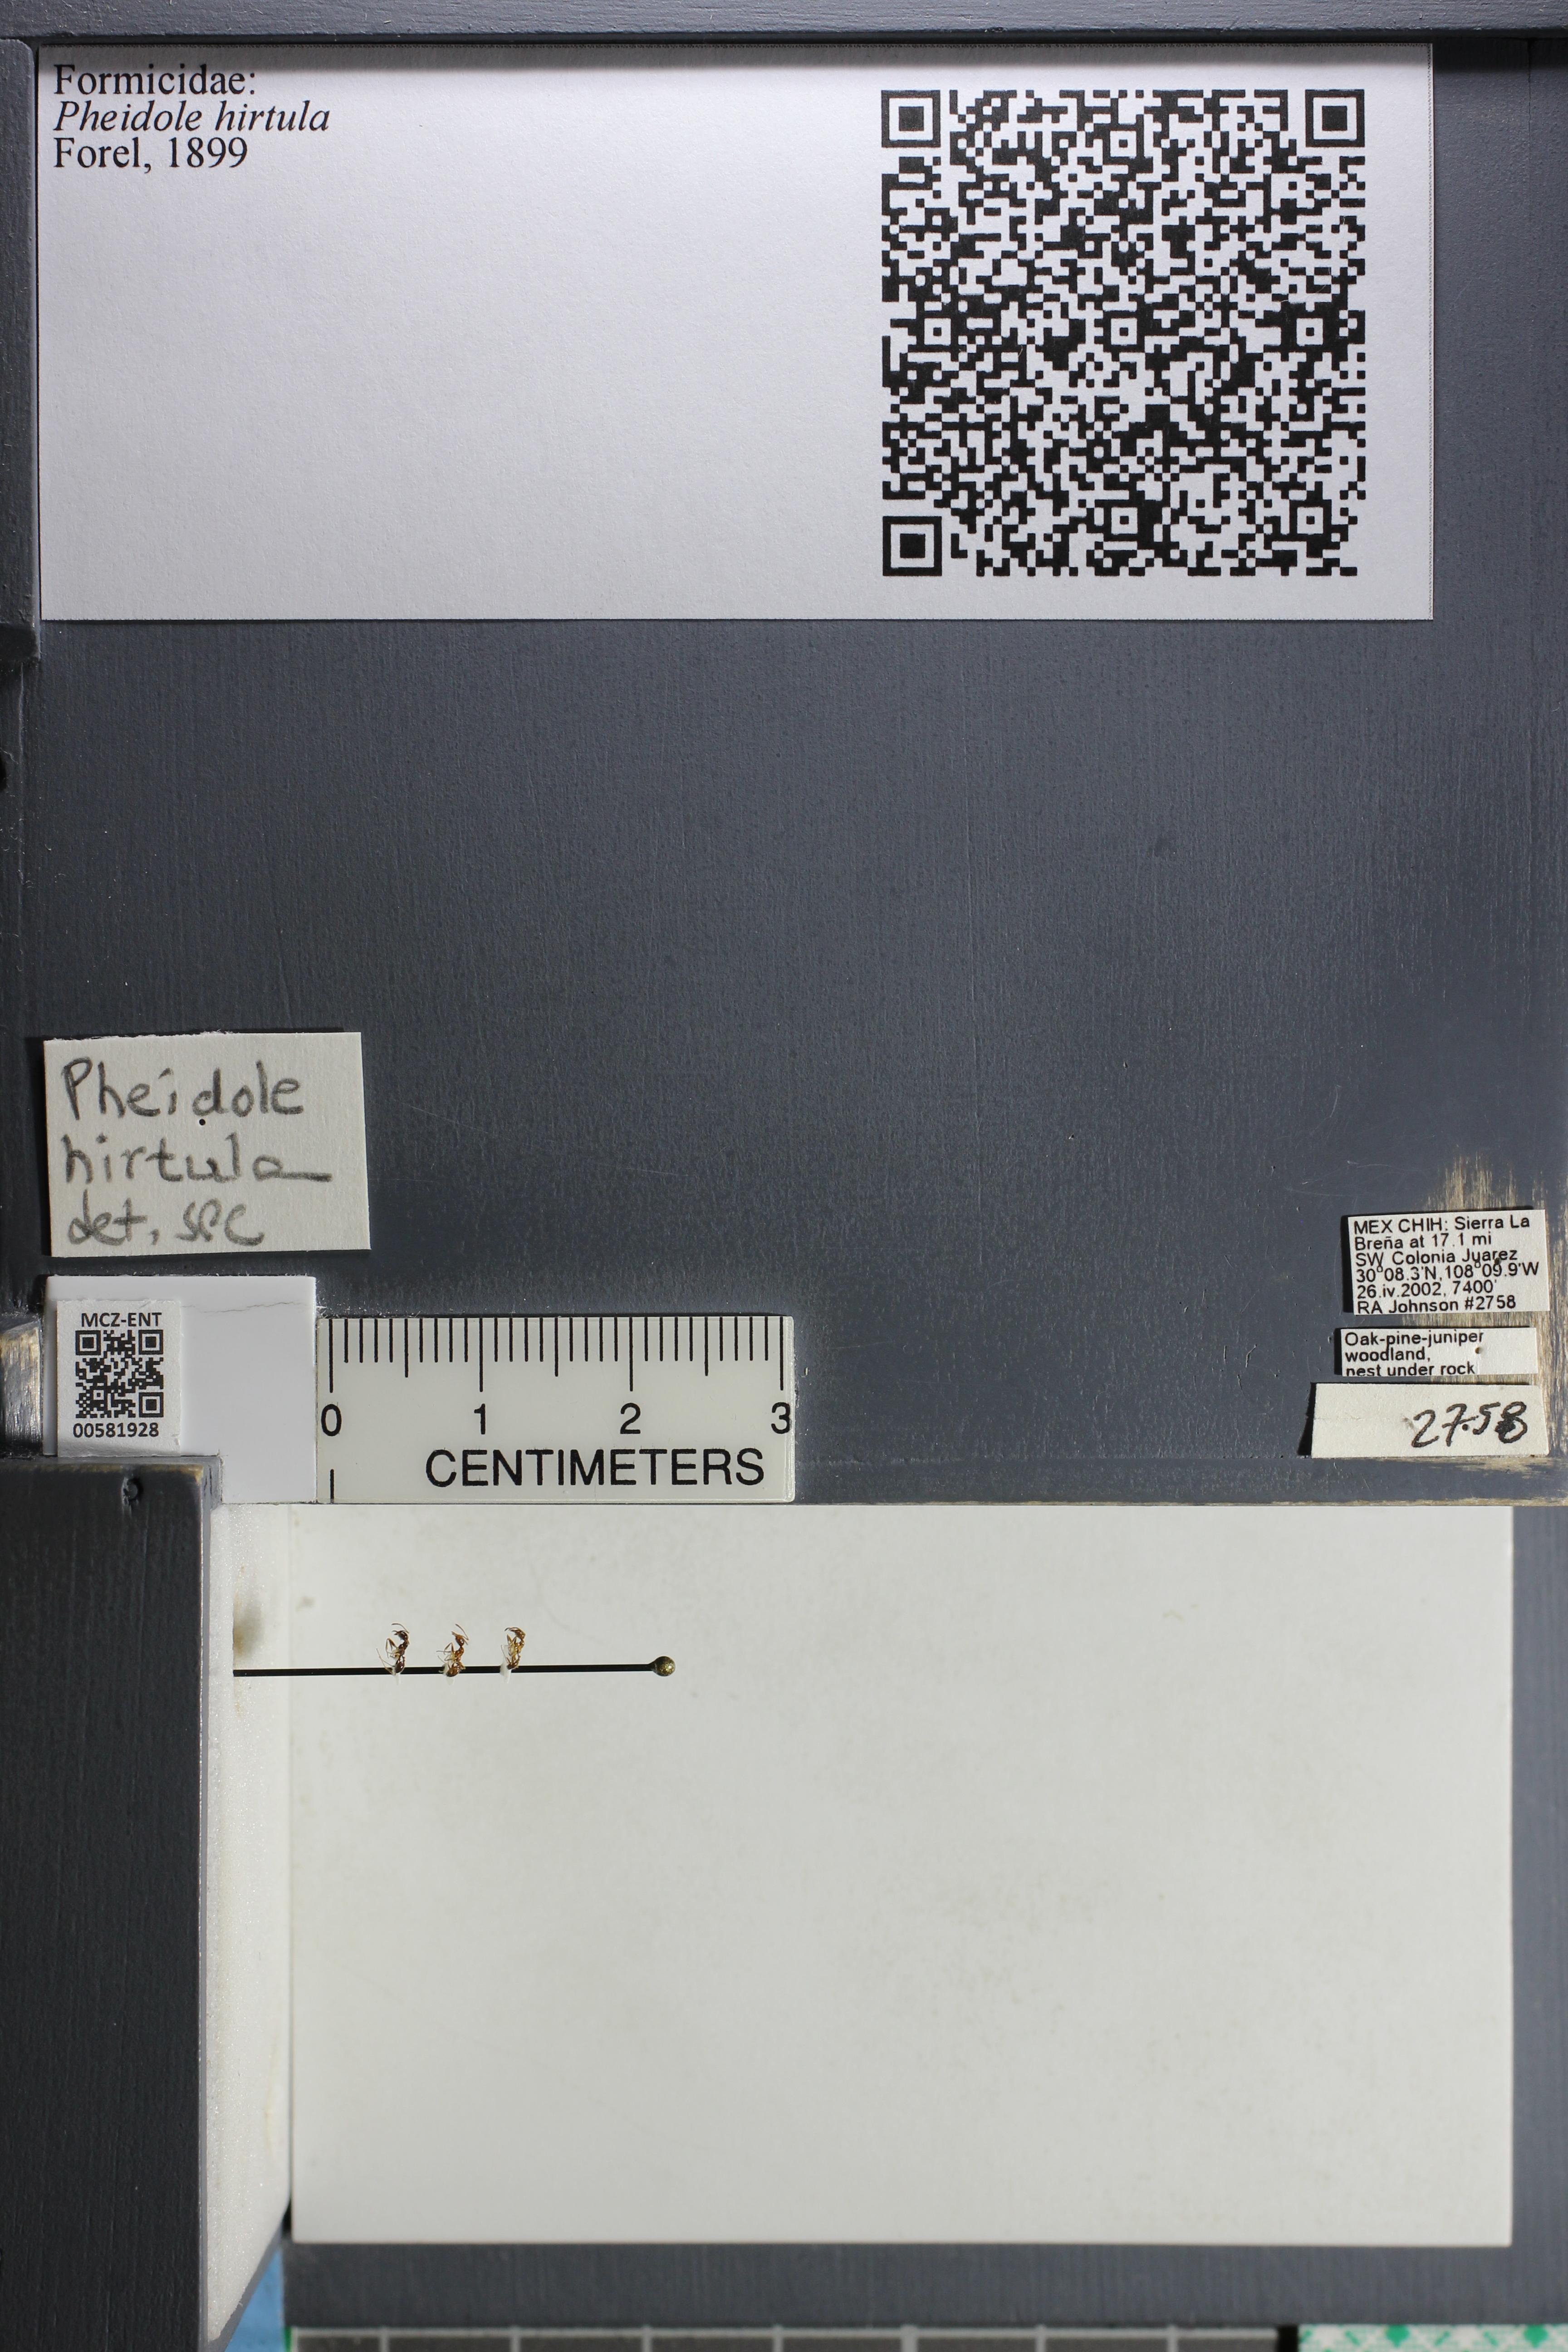 Media of type image, MCZ:Ent:581928 Identified as Pheidole hirtula.